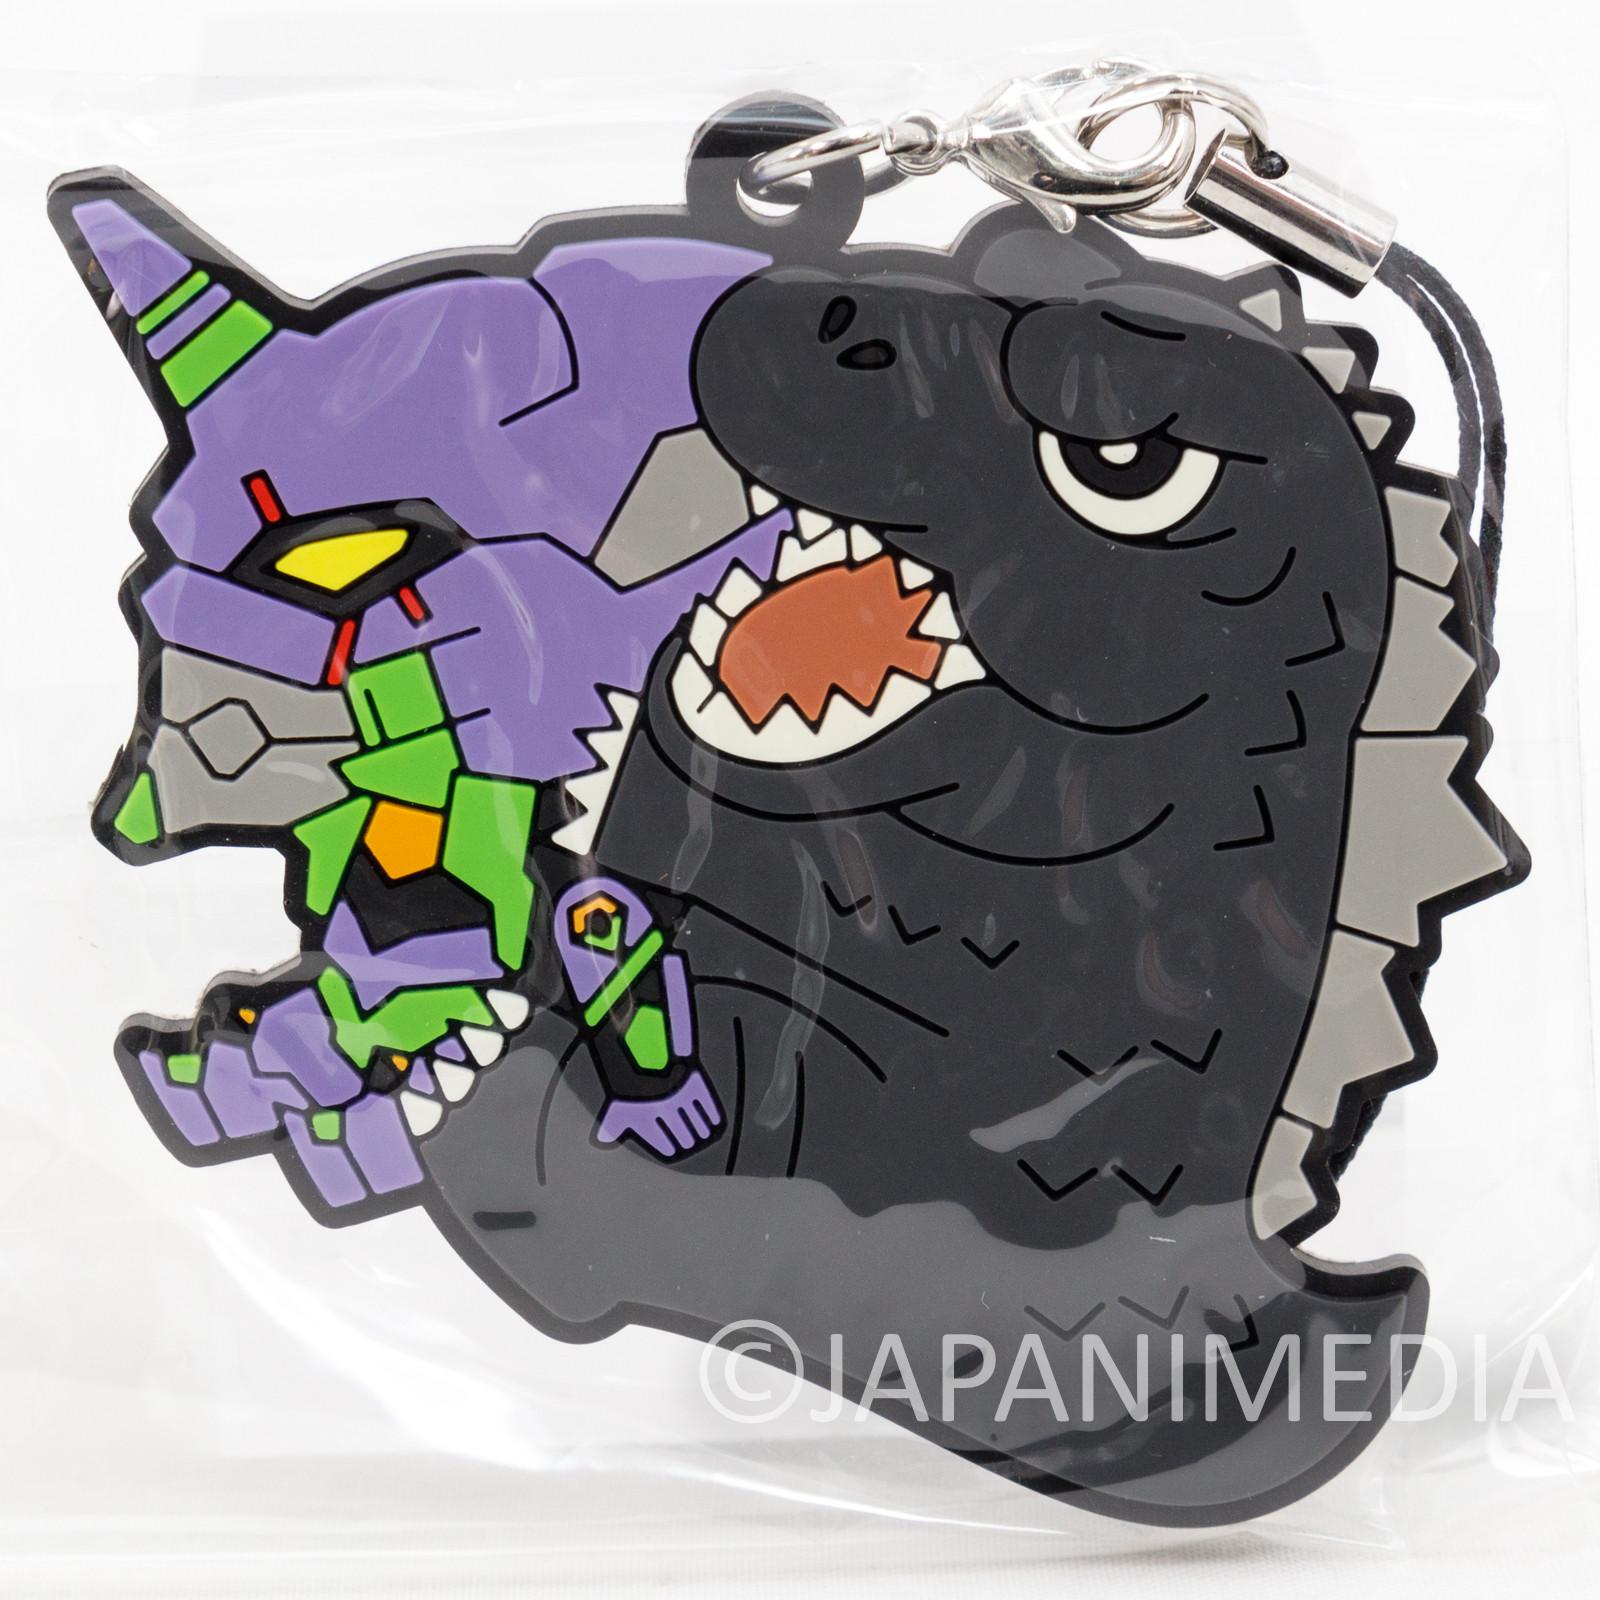 Evangelion EVA-01 x Godzilla Mascot Rubber Strap JAPAN